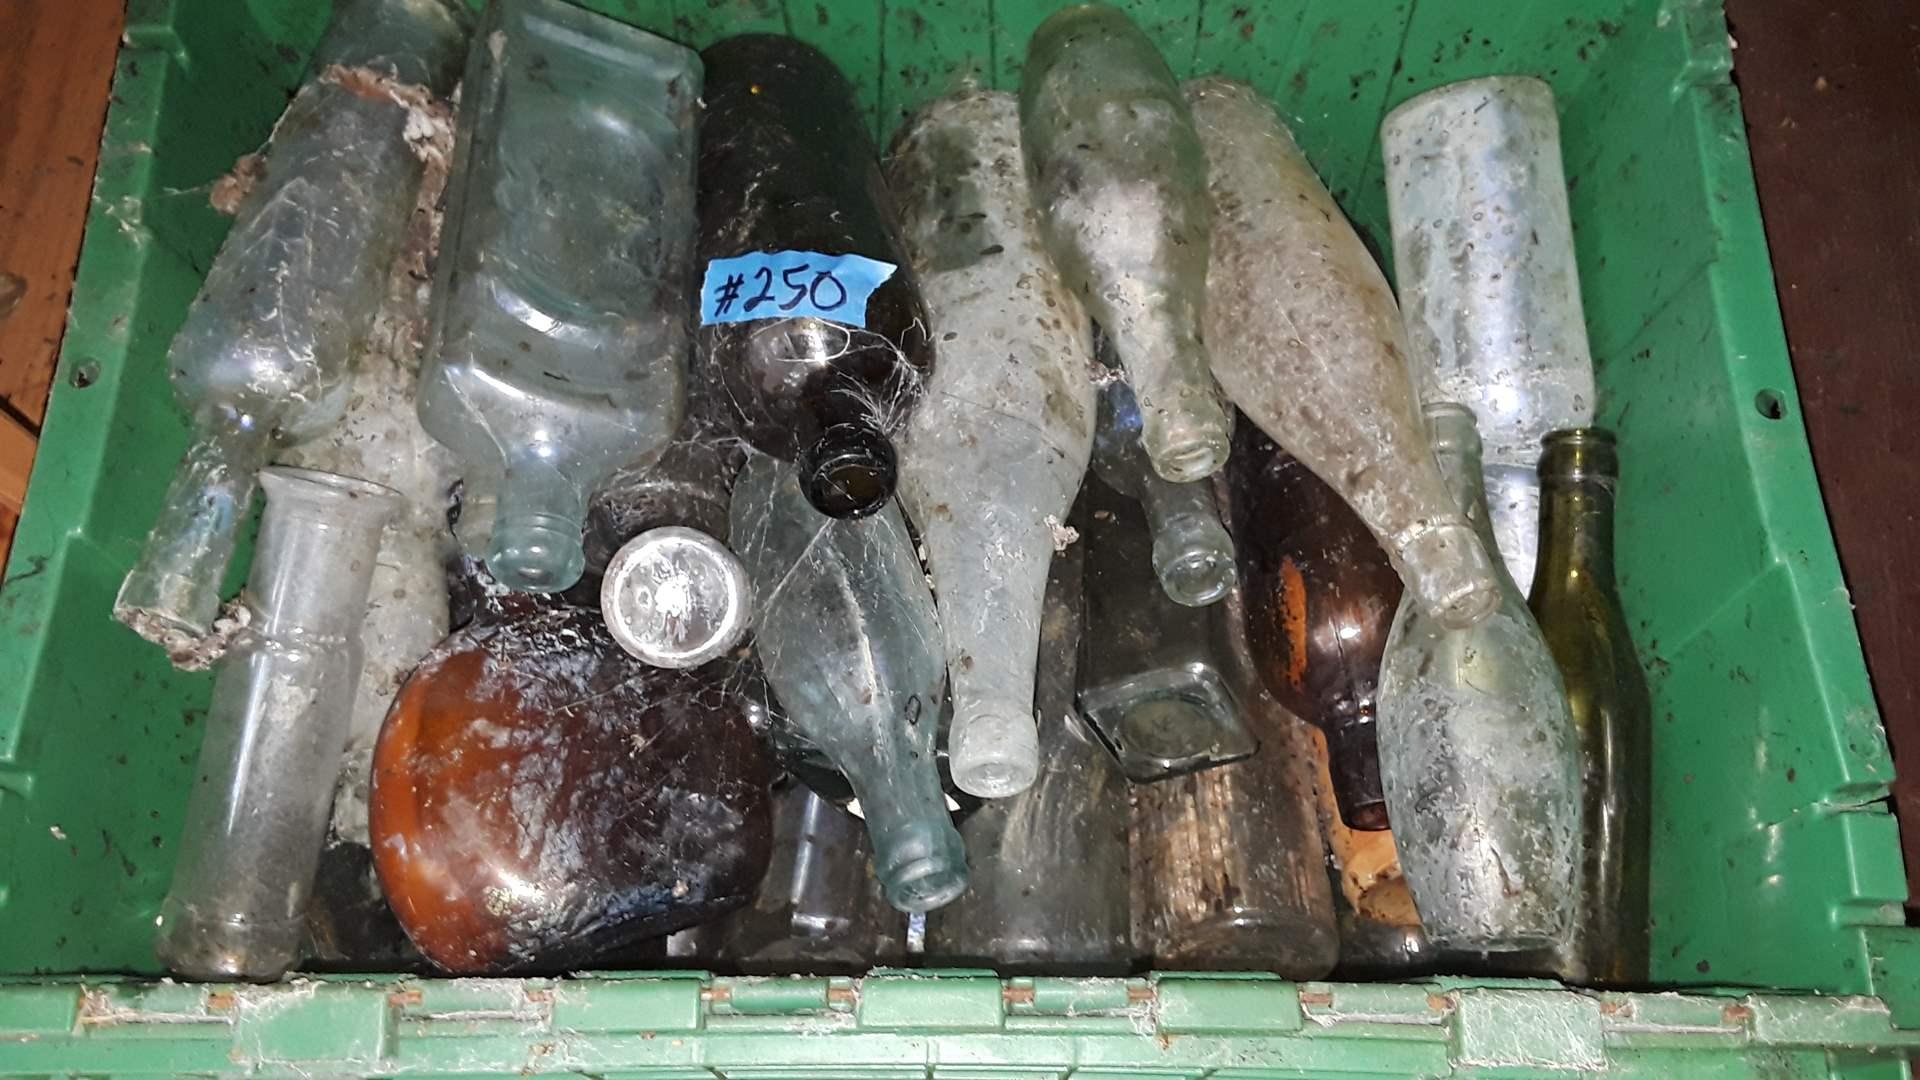 Lot # 250 PLASTIC BIN FULL OF ANTIQUE BOTTLES